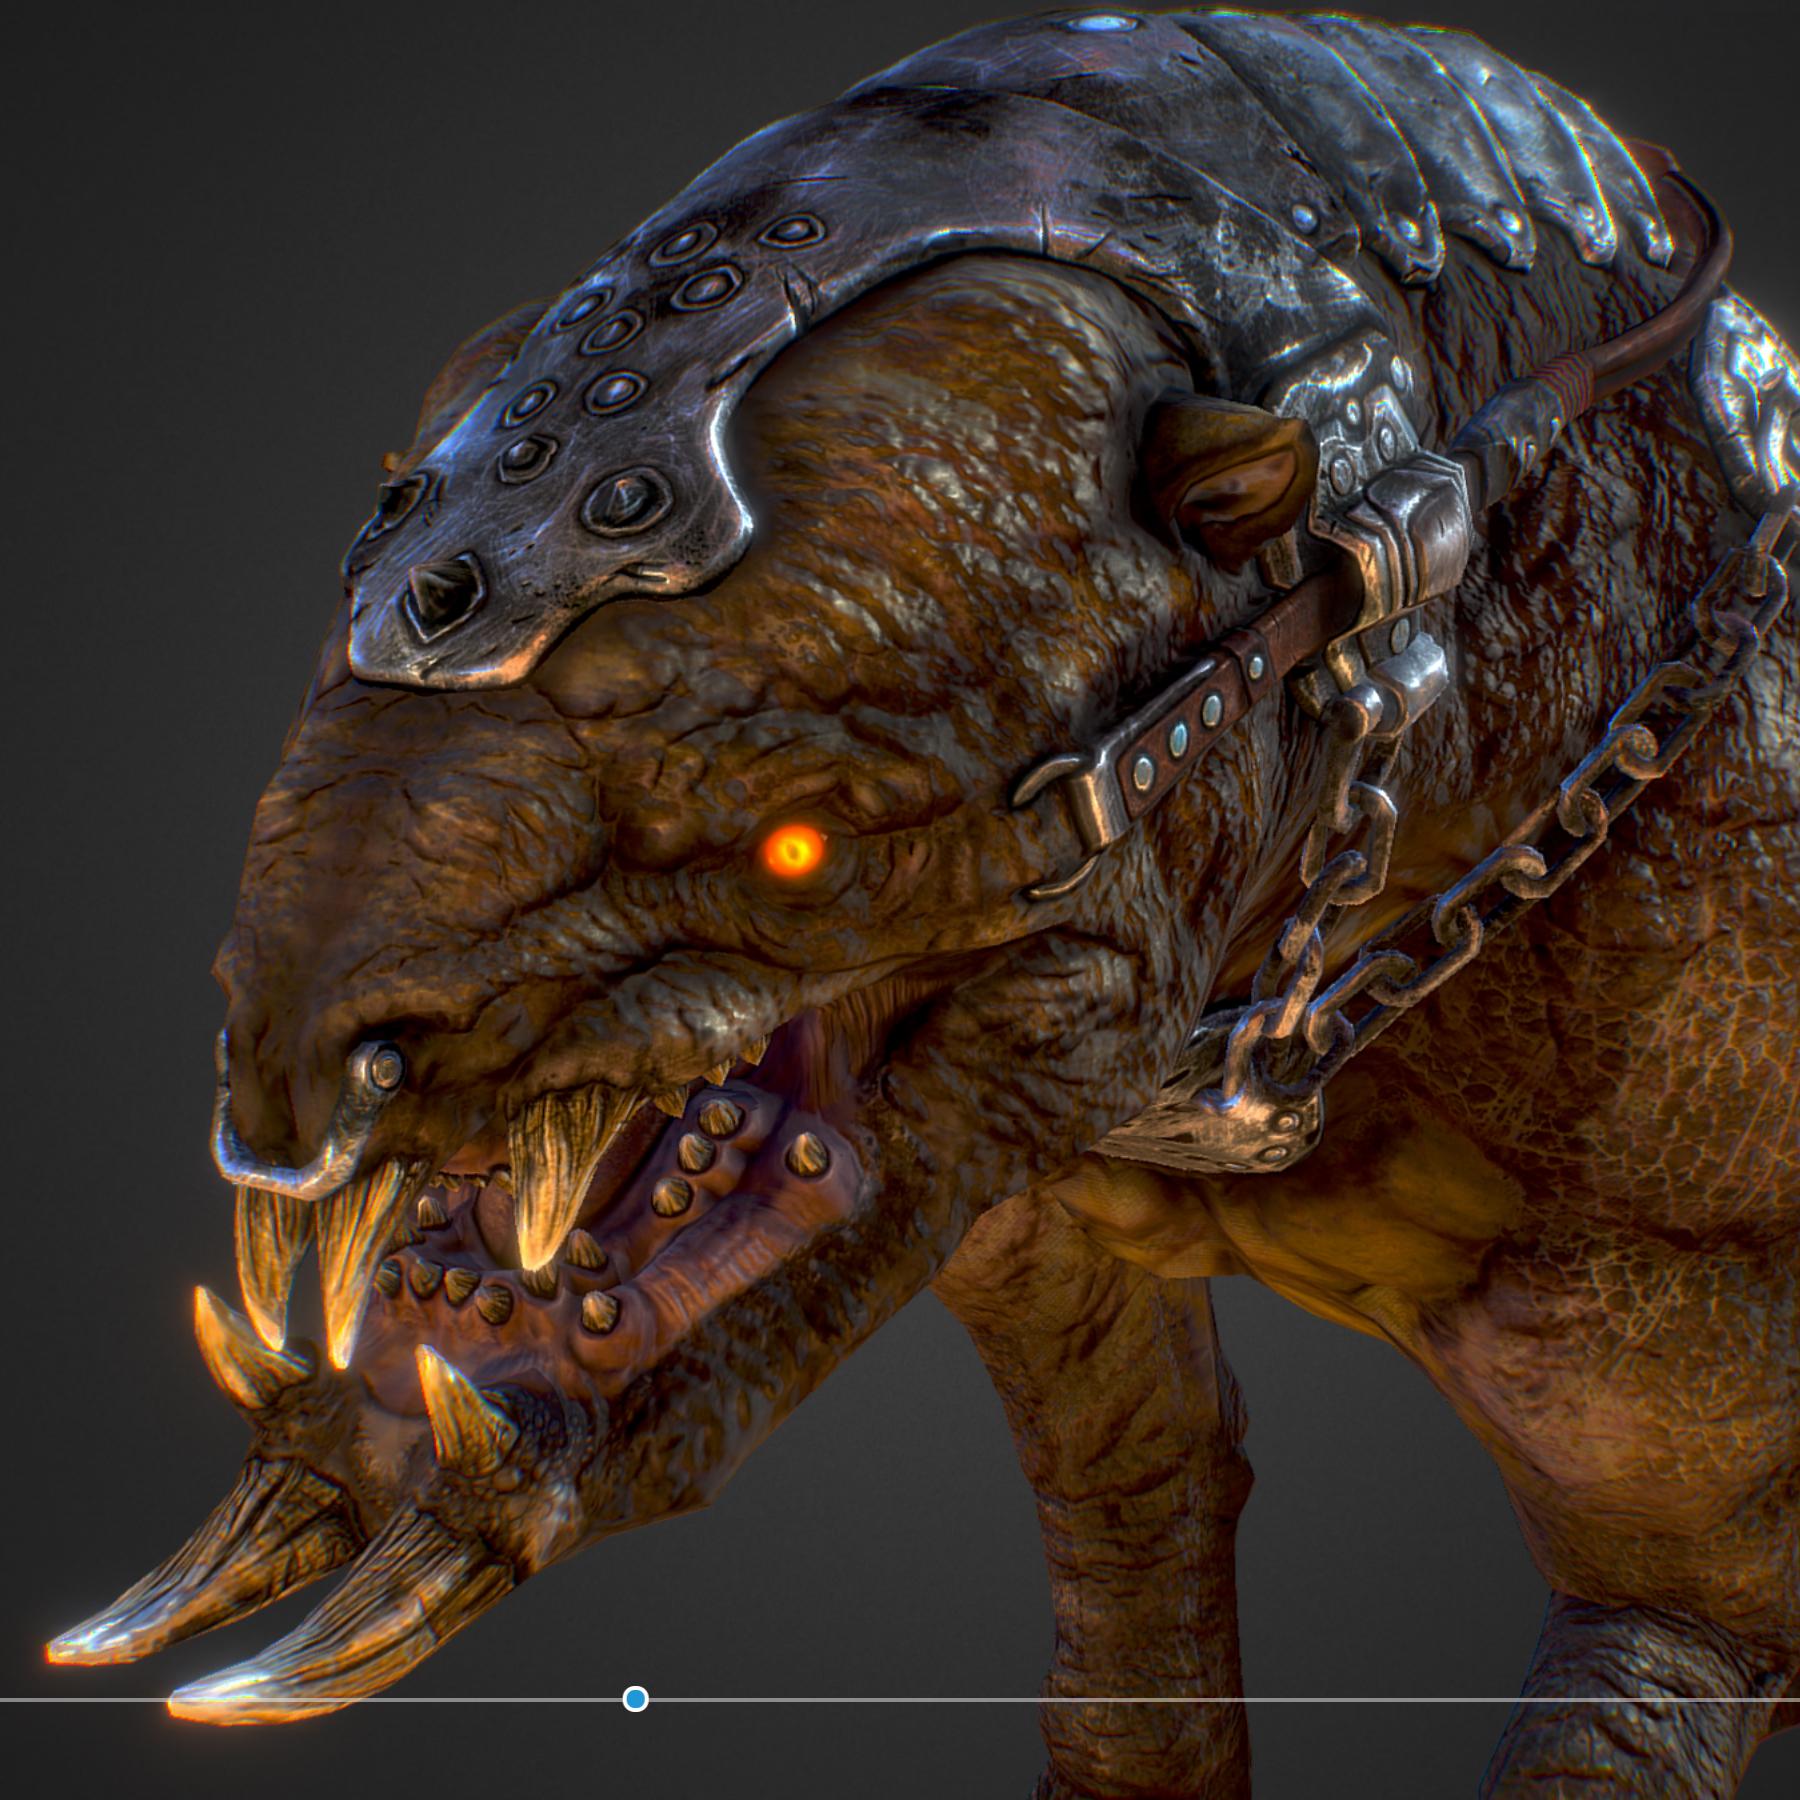 амьтан mastodont 3d загварыг хамгийн ихдээ 272418 максимум функцтэй холбоно